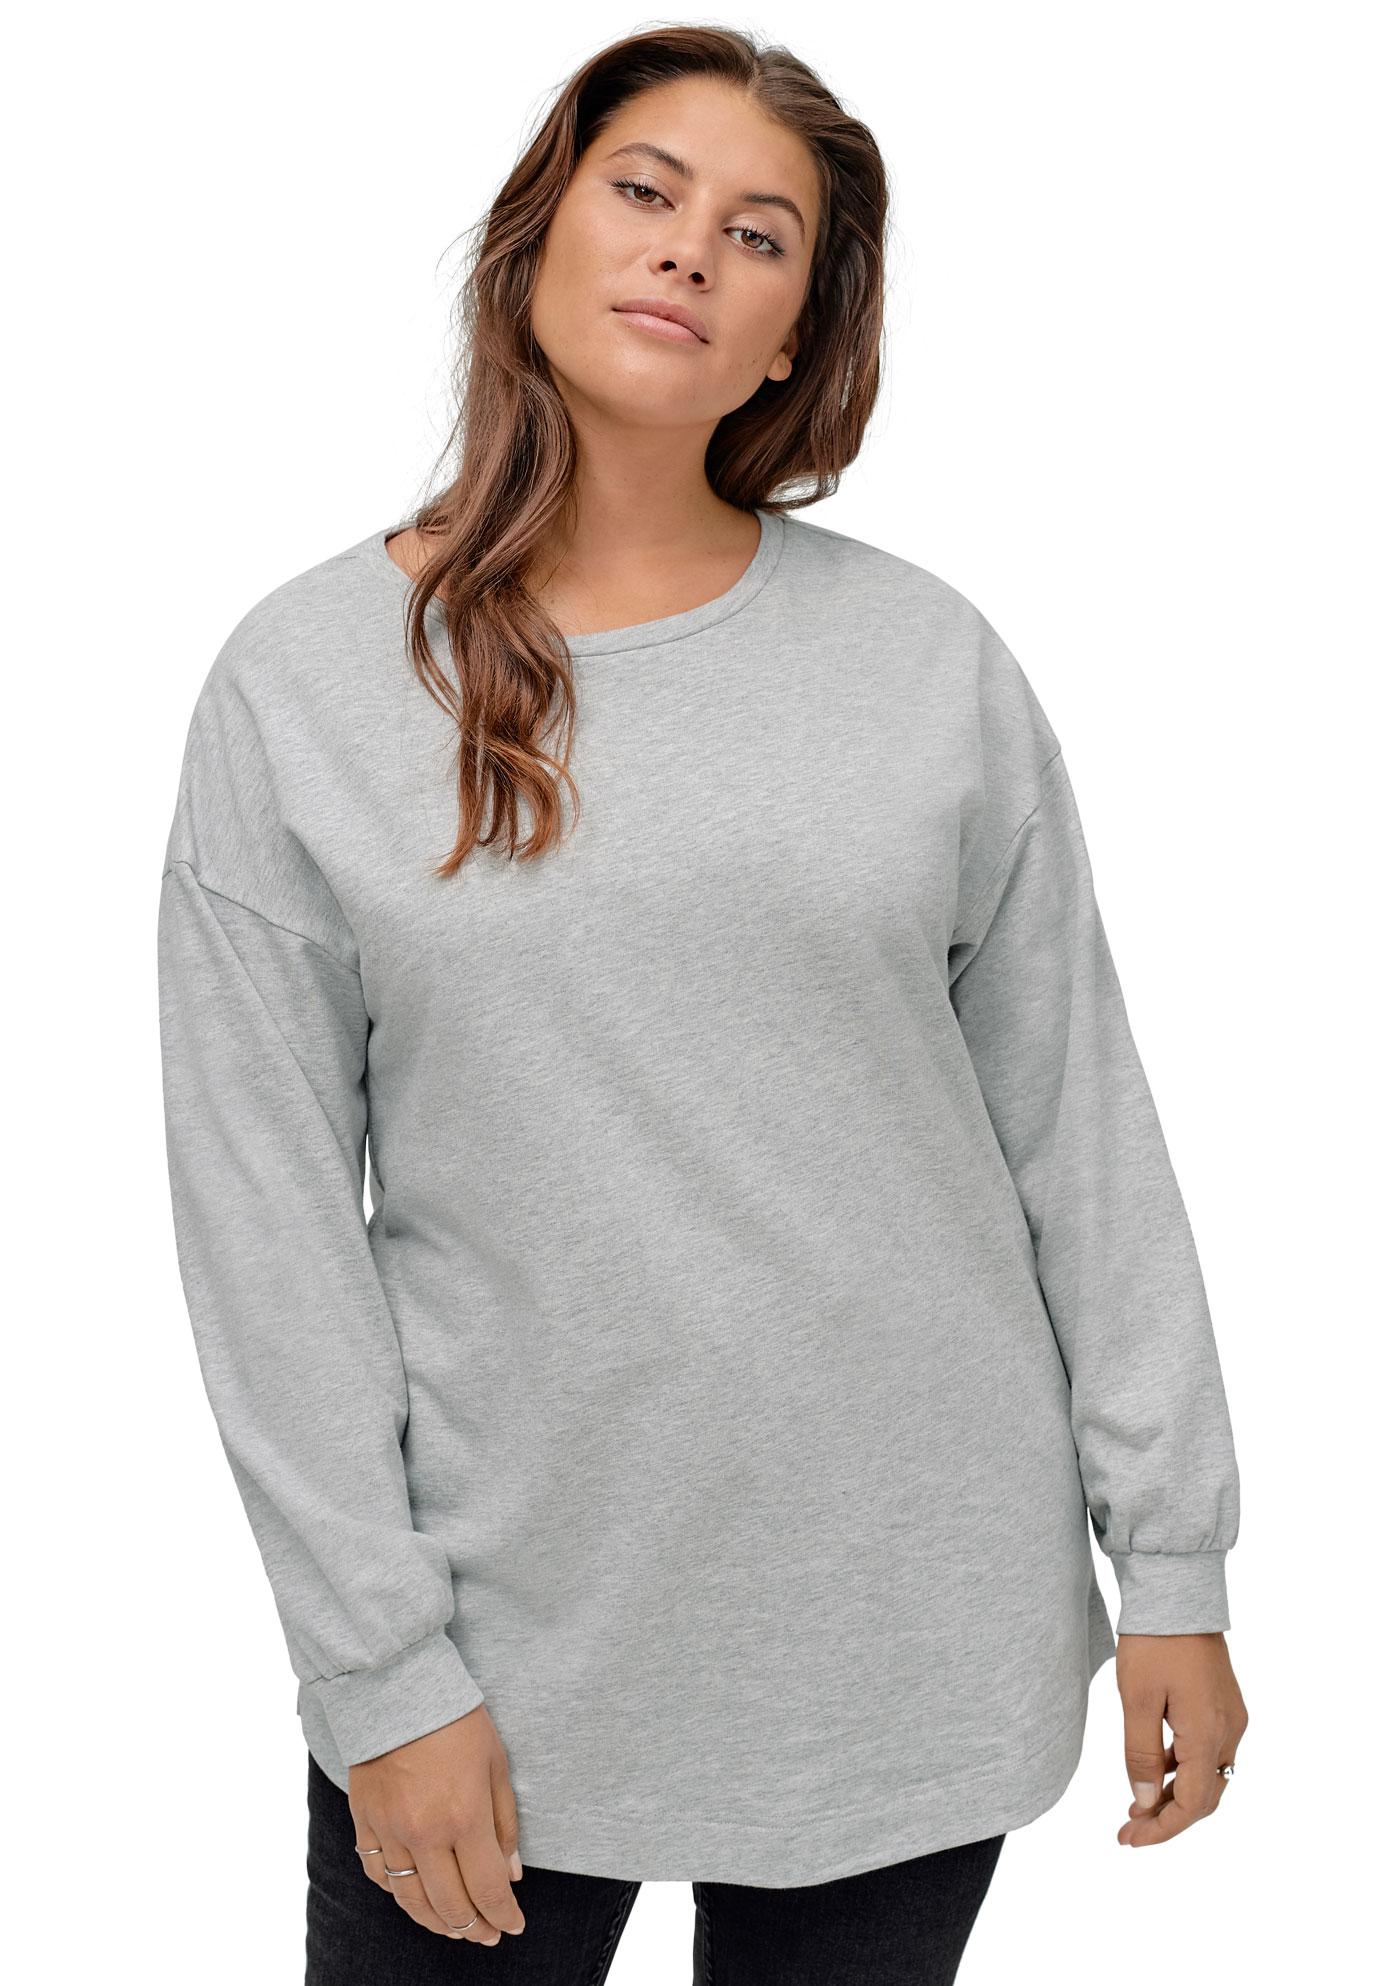 Hooded Sweatshirt Tunic Sweater